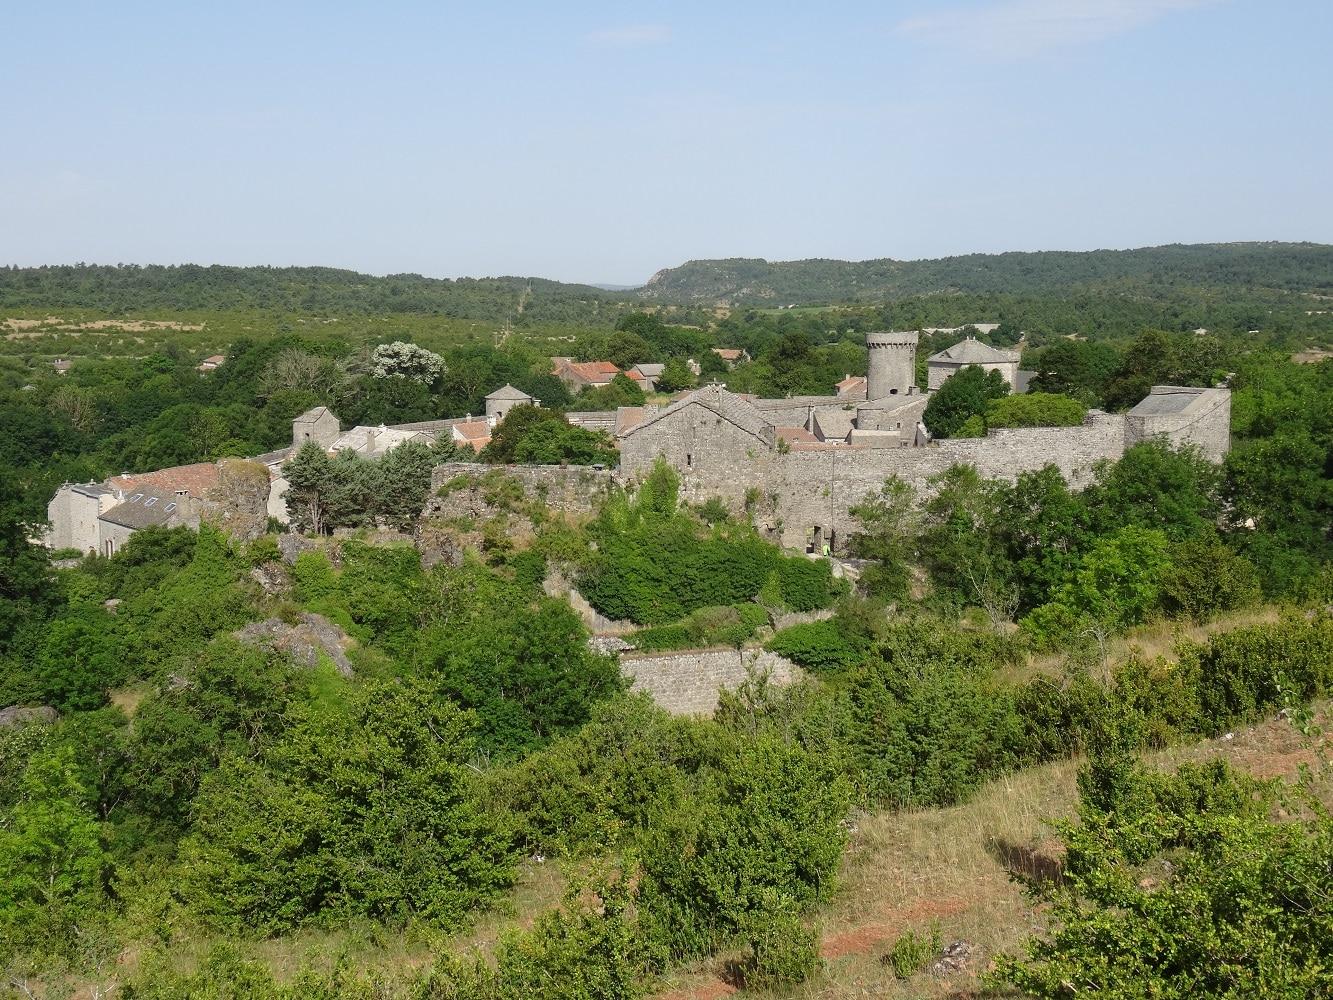 Vue sur La Couvertoirade, village médiéval de l'Aveyron